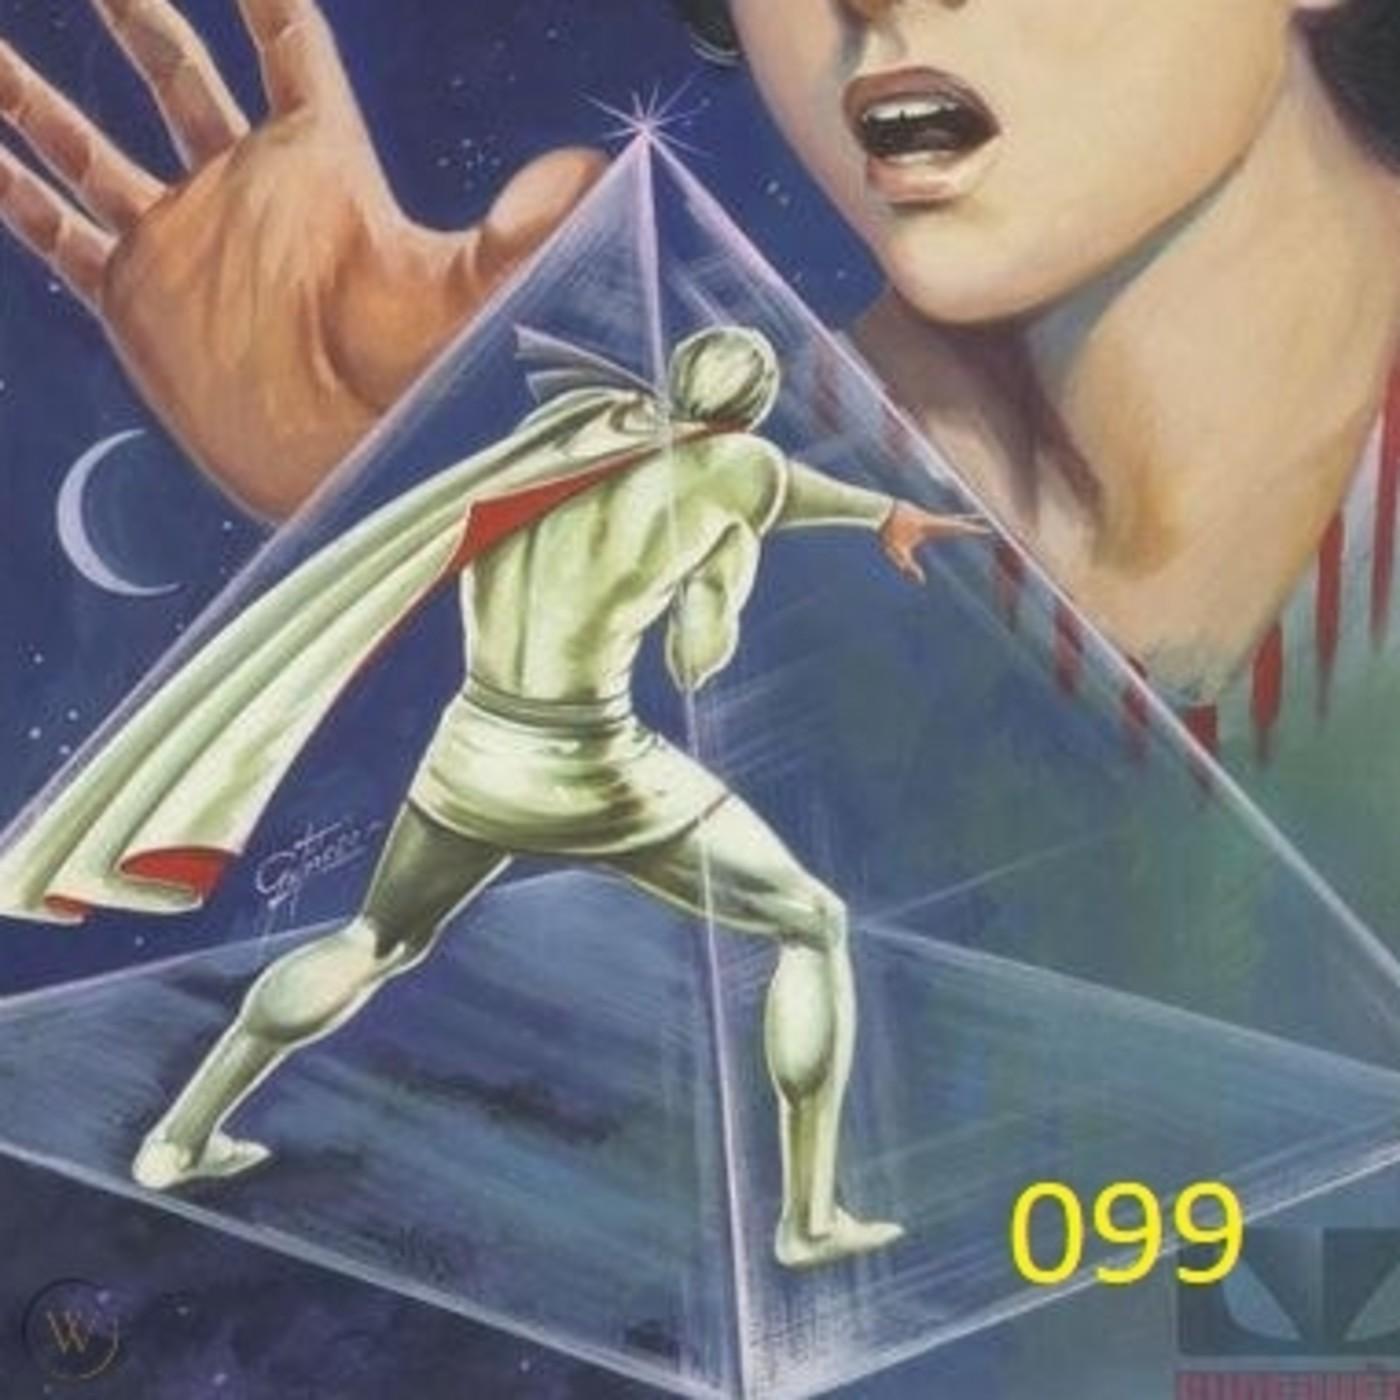 30x099 Muerte en la cuarta dimensión Kaliman